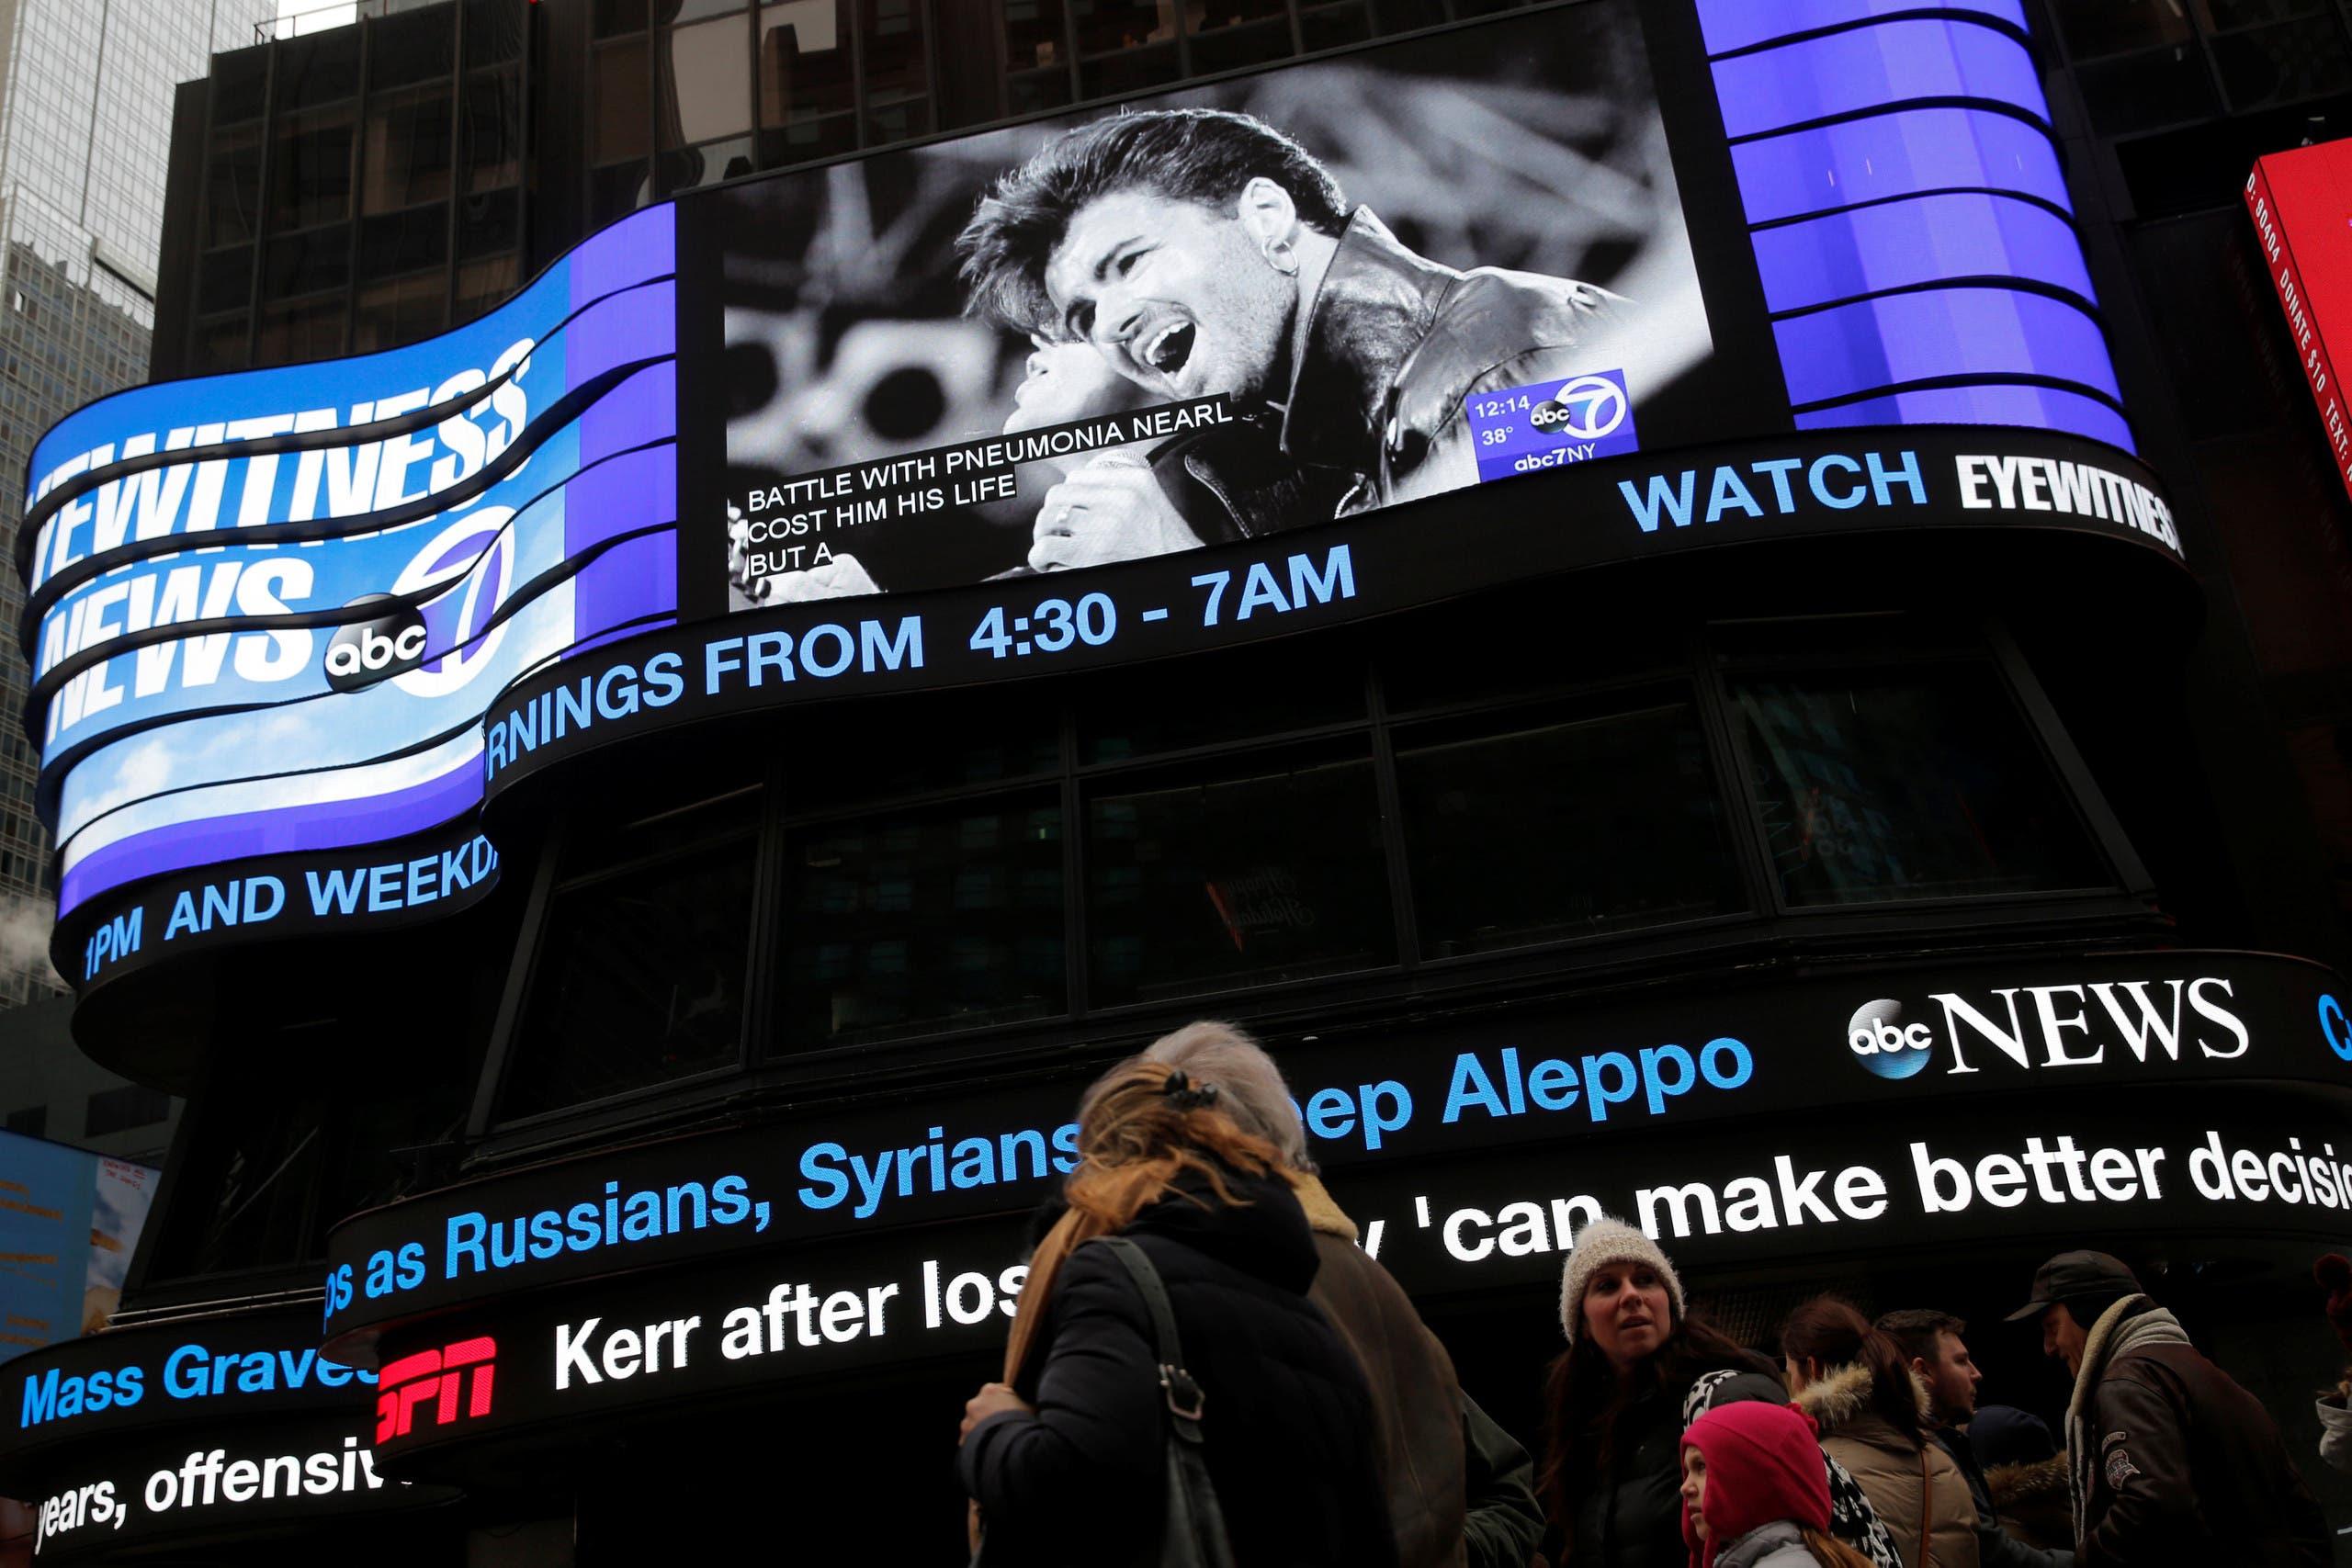 شاشة كبيرة في ميدان تايمز سكوير